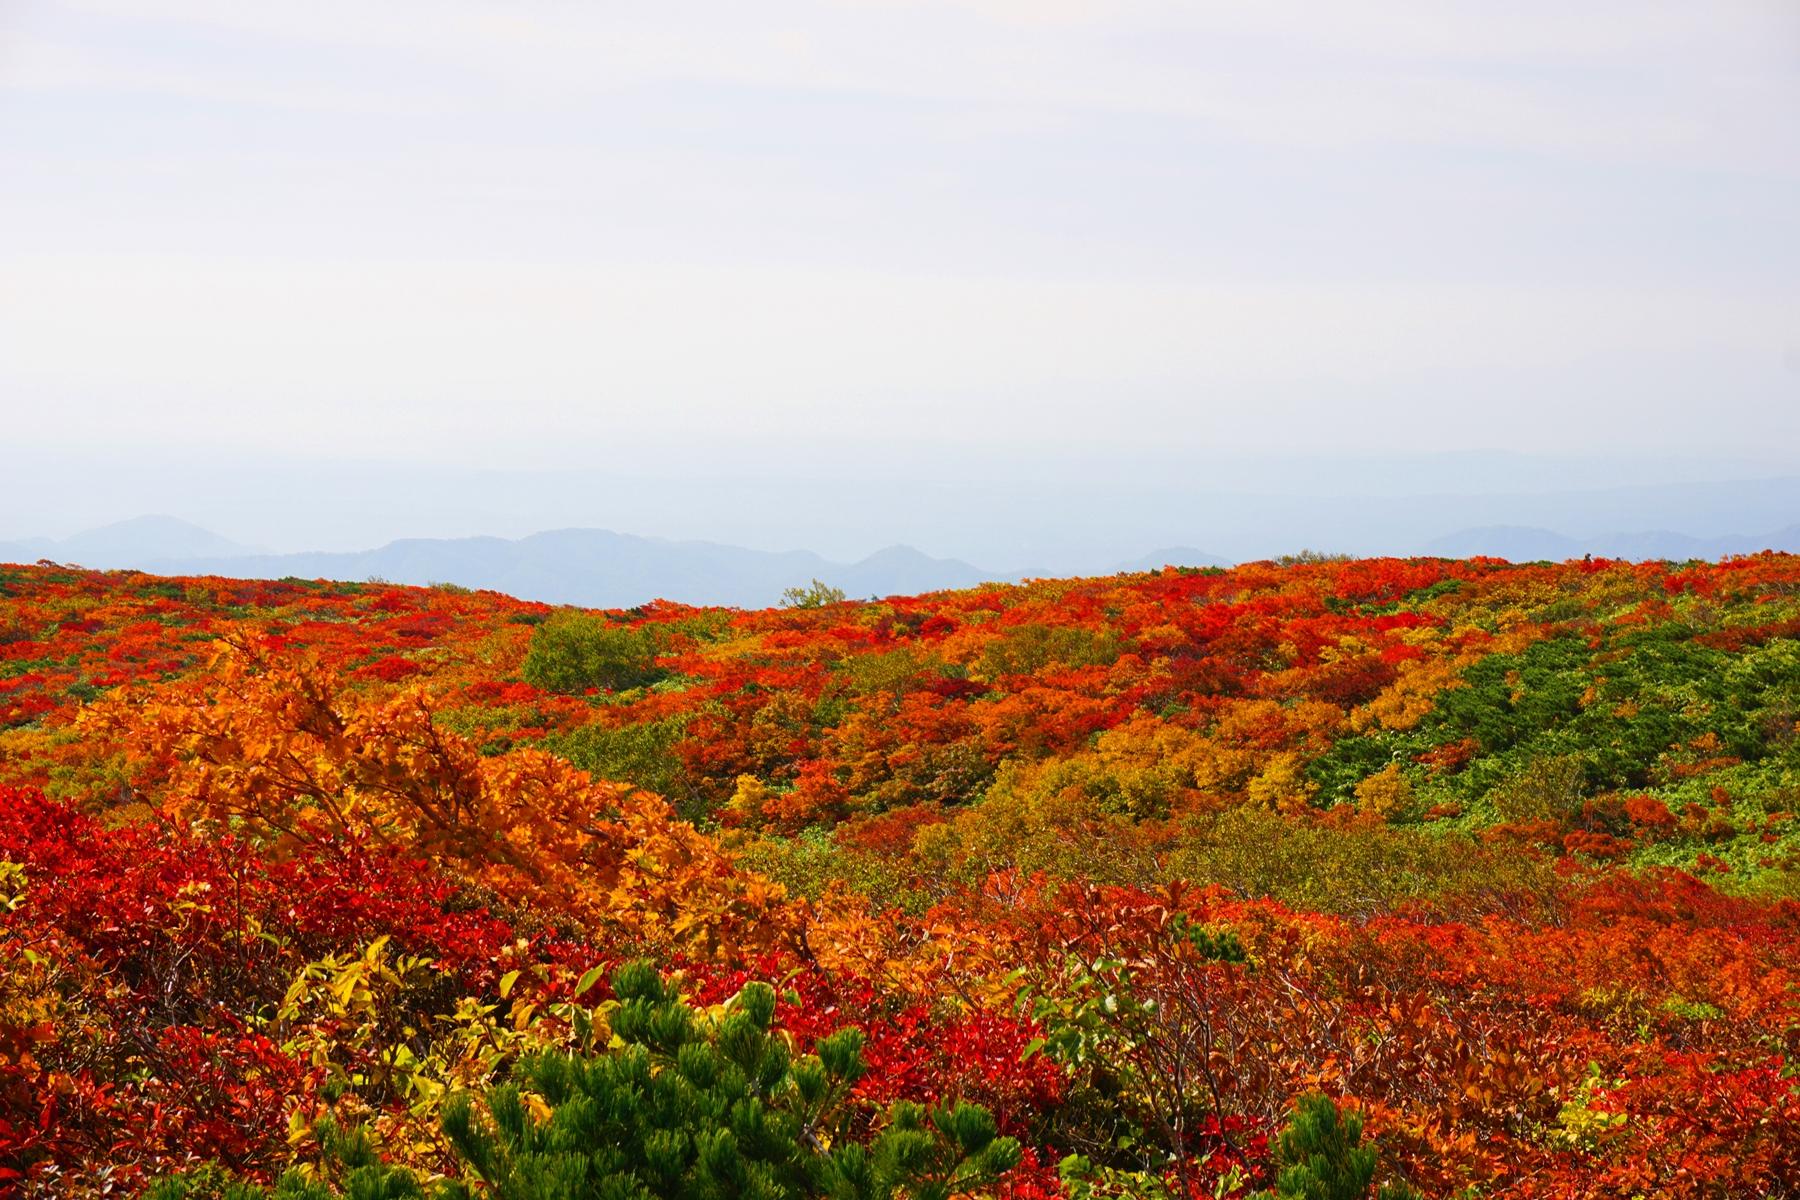 栗駒山(東北) 秋の紅葉登山 ~~山を真っ赤に染める日本屈指の紅葉~~